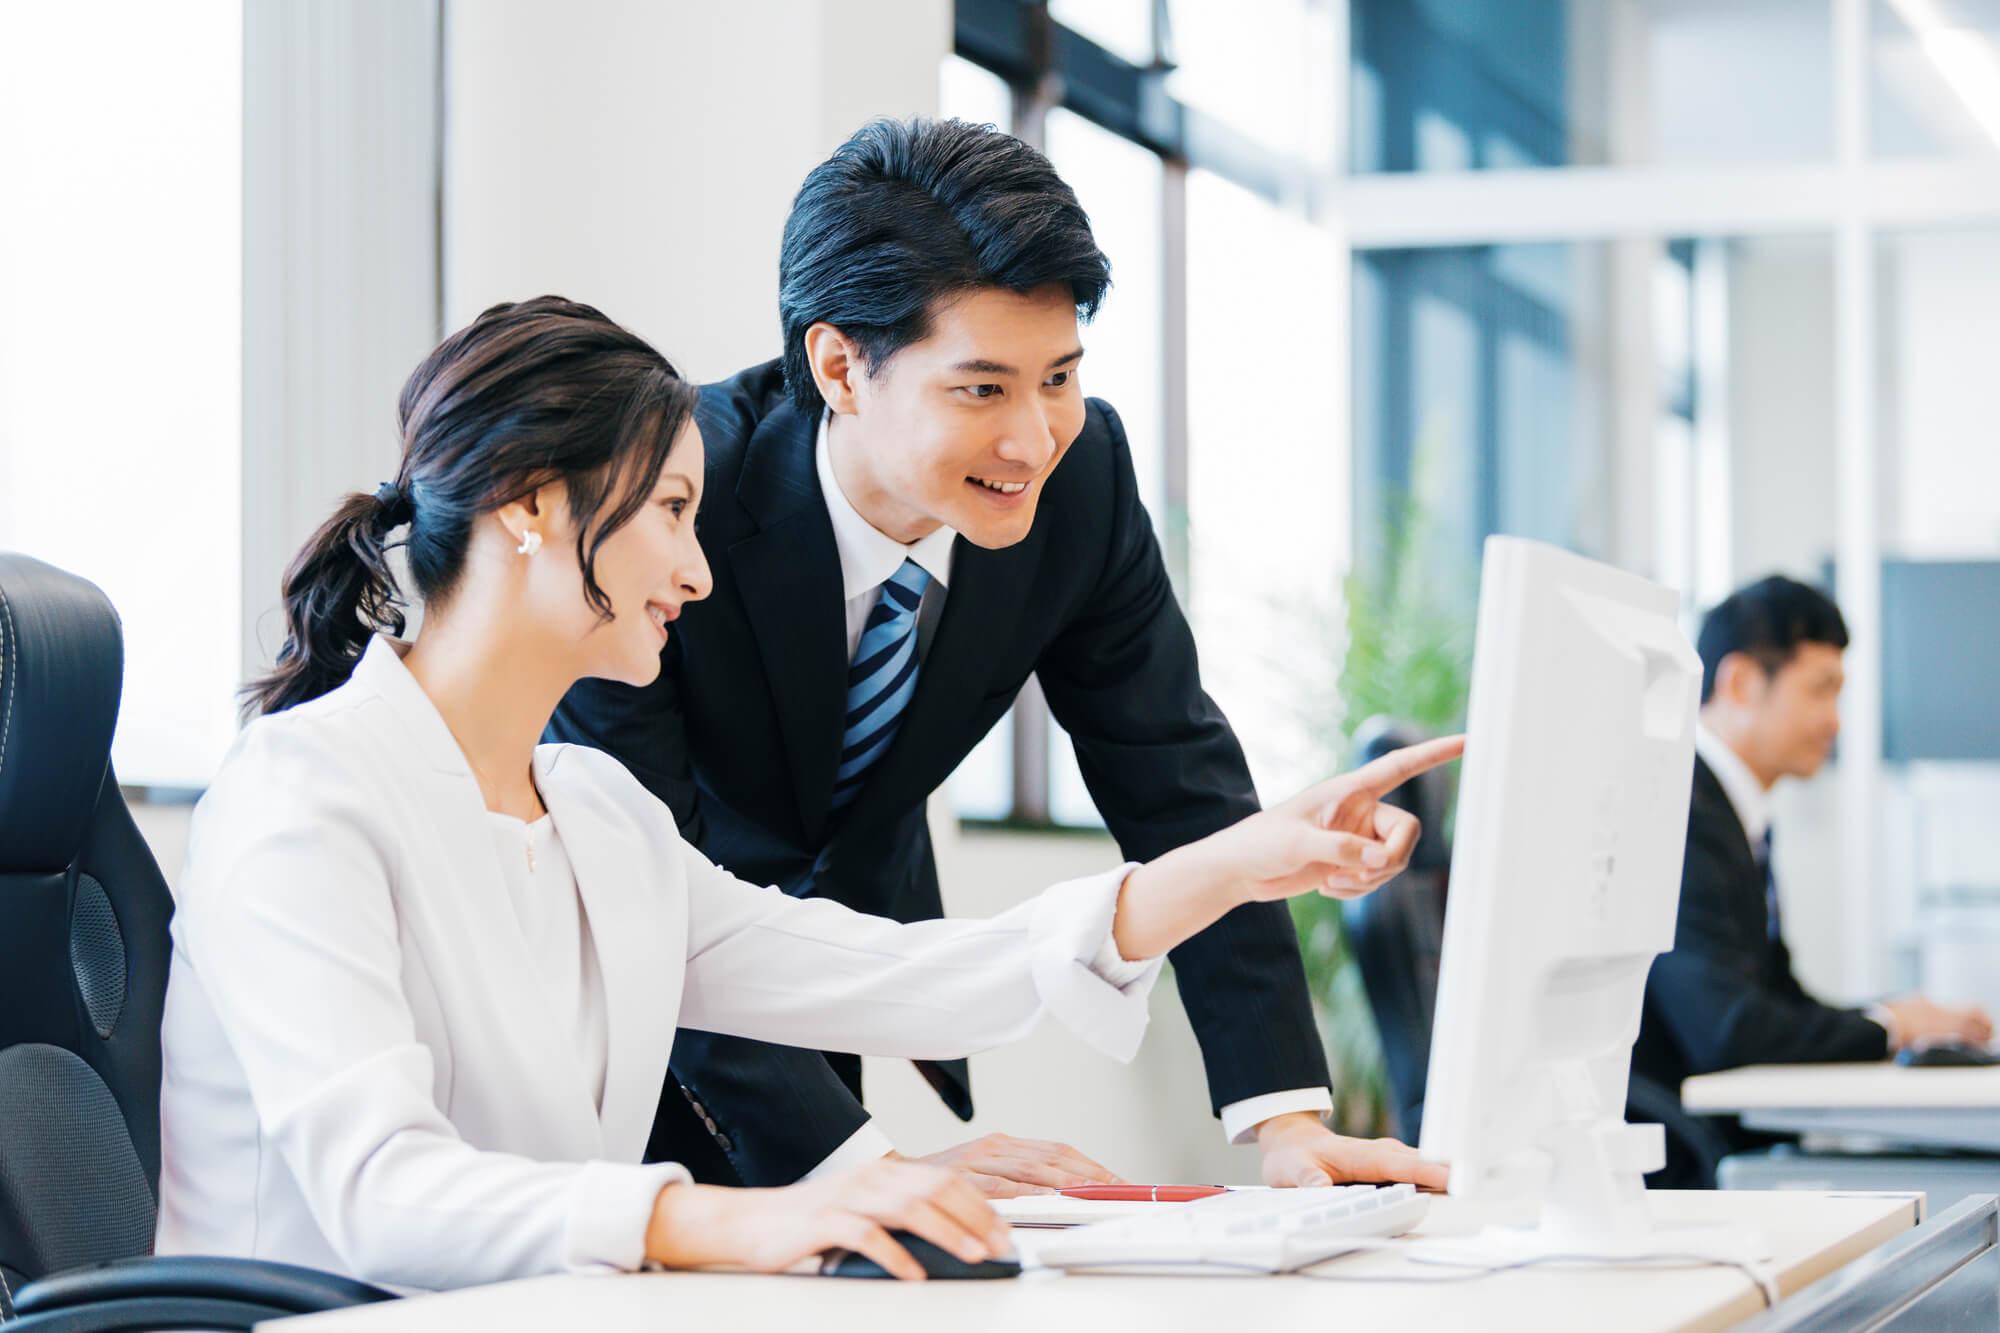 顧客管理とは?基本の解説から顧客管理システムの選び方までご紹介